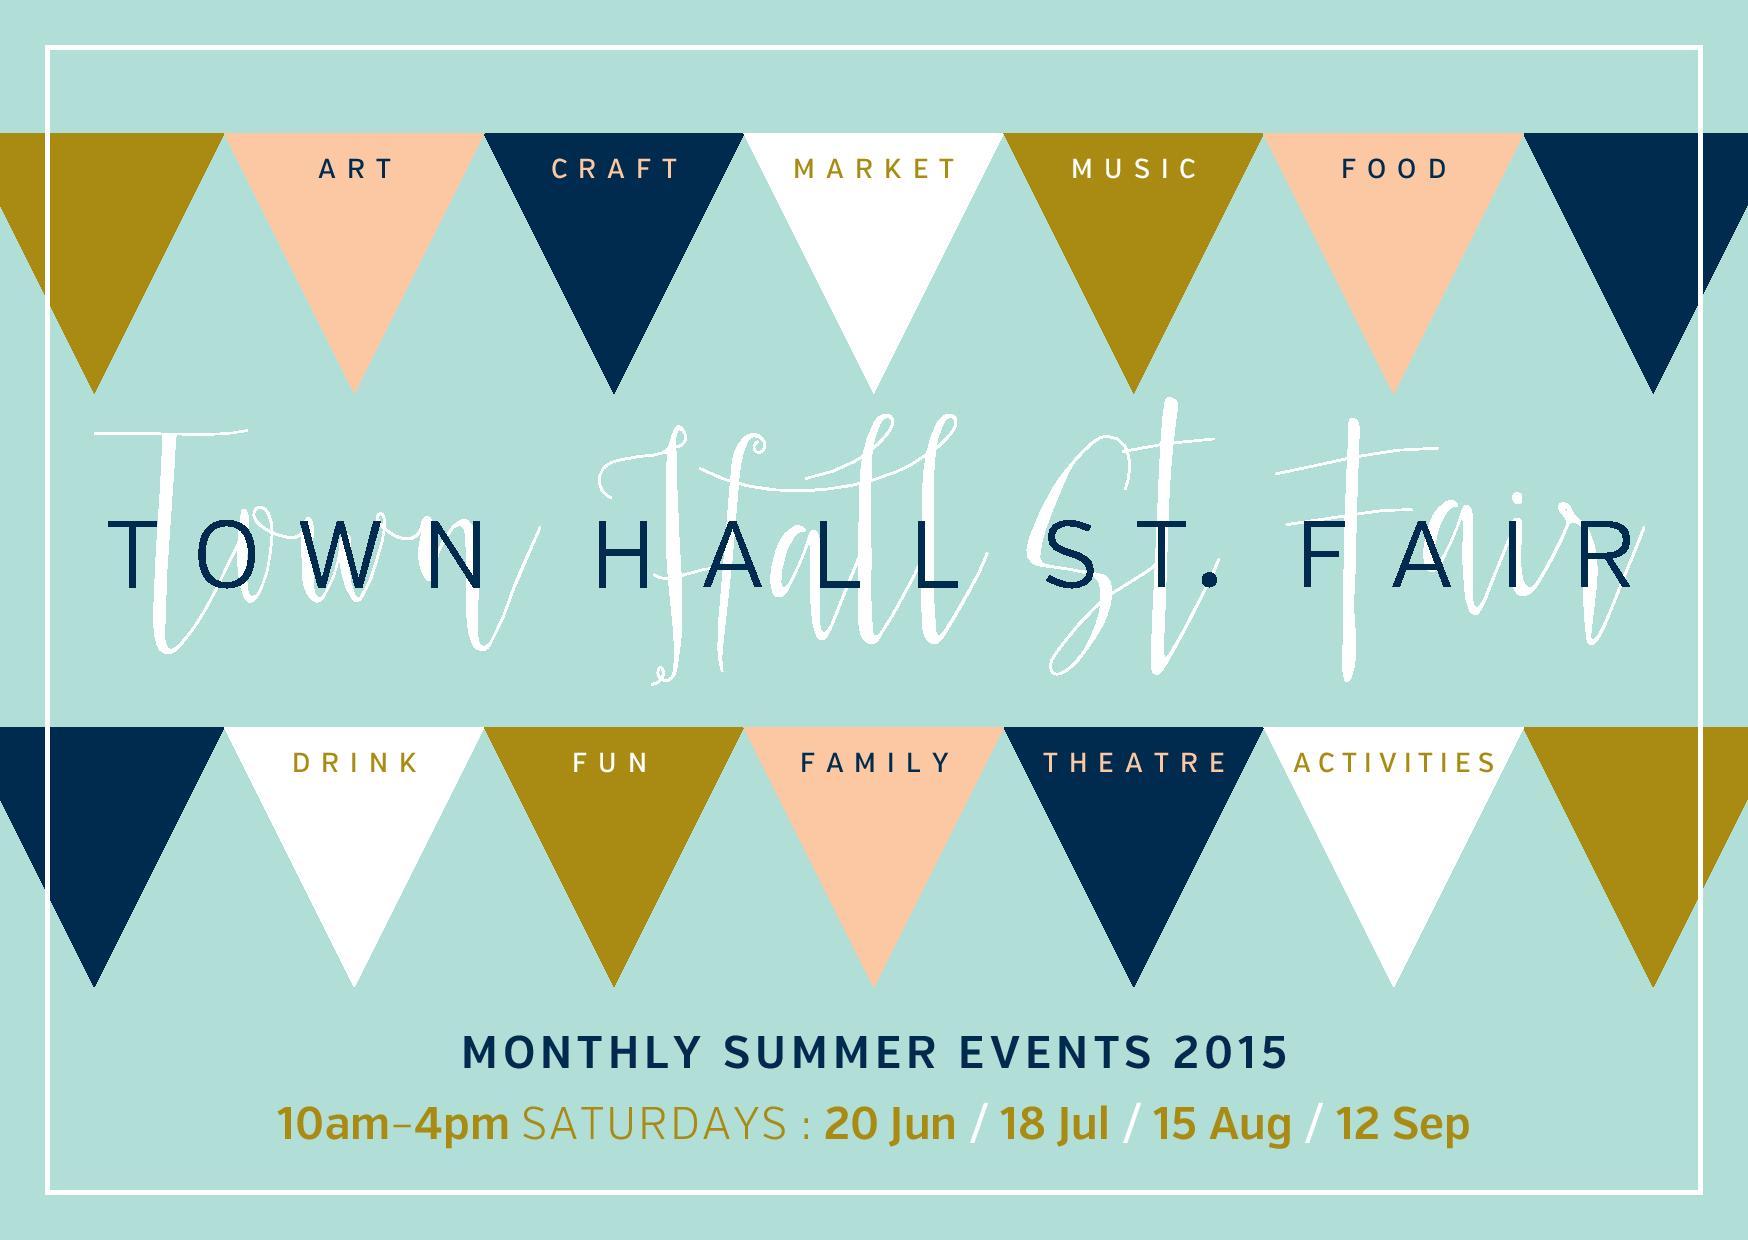 Town Hall St Fair